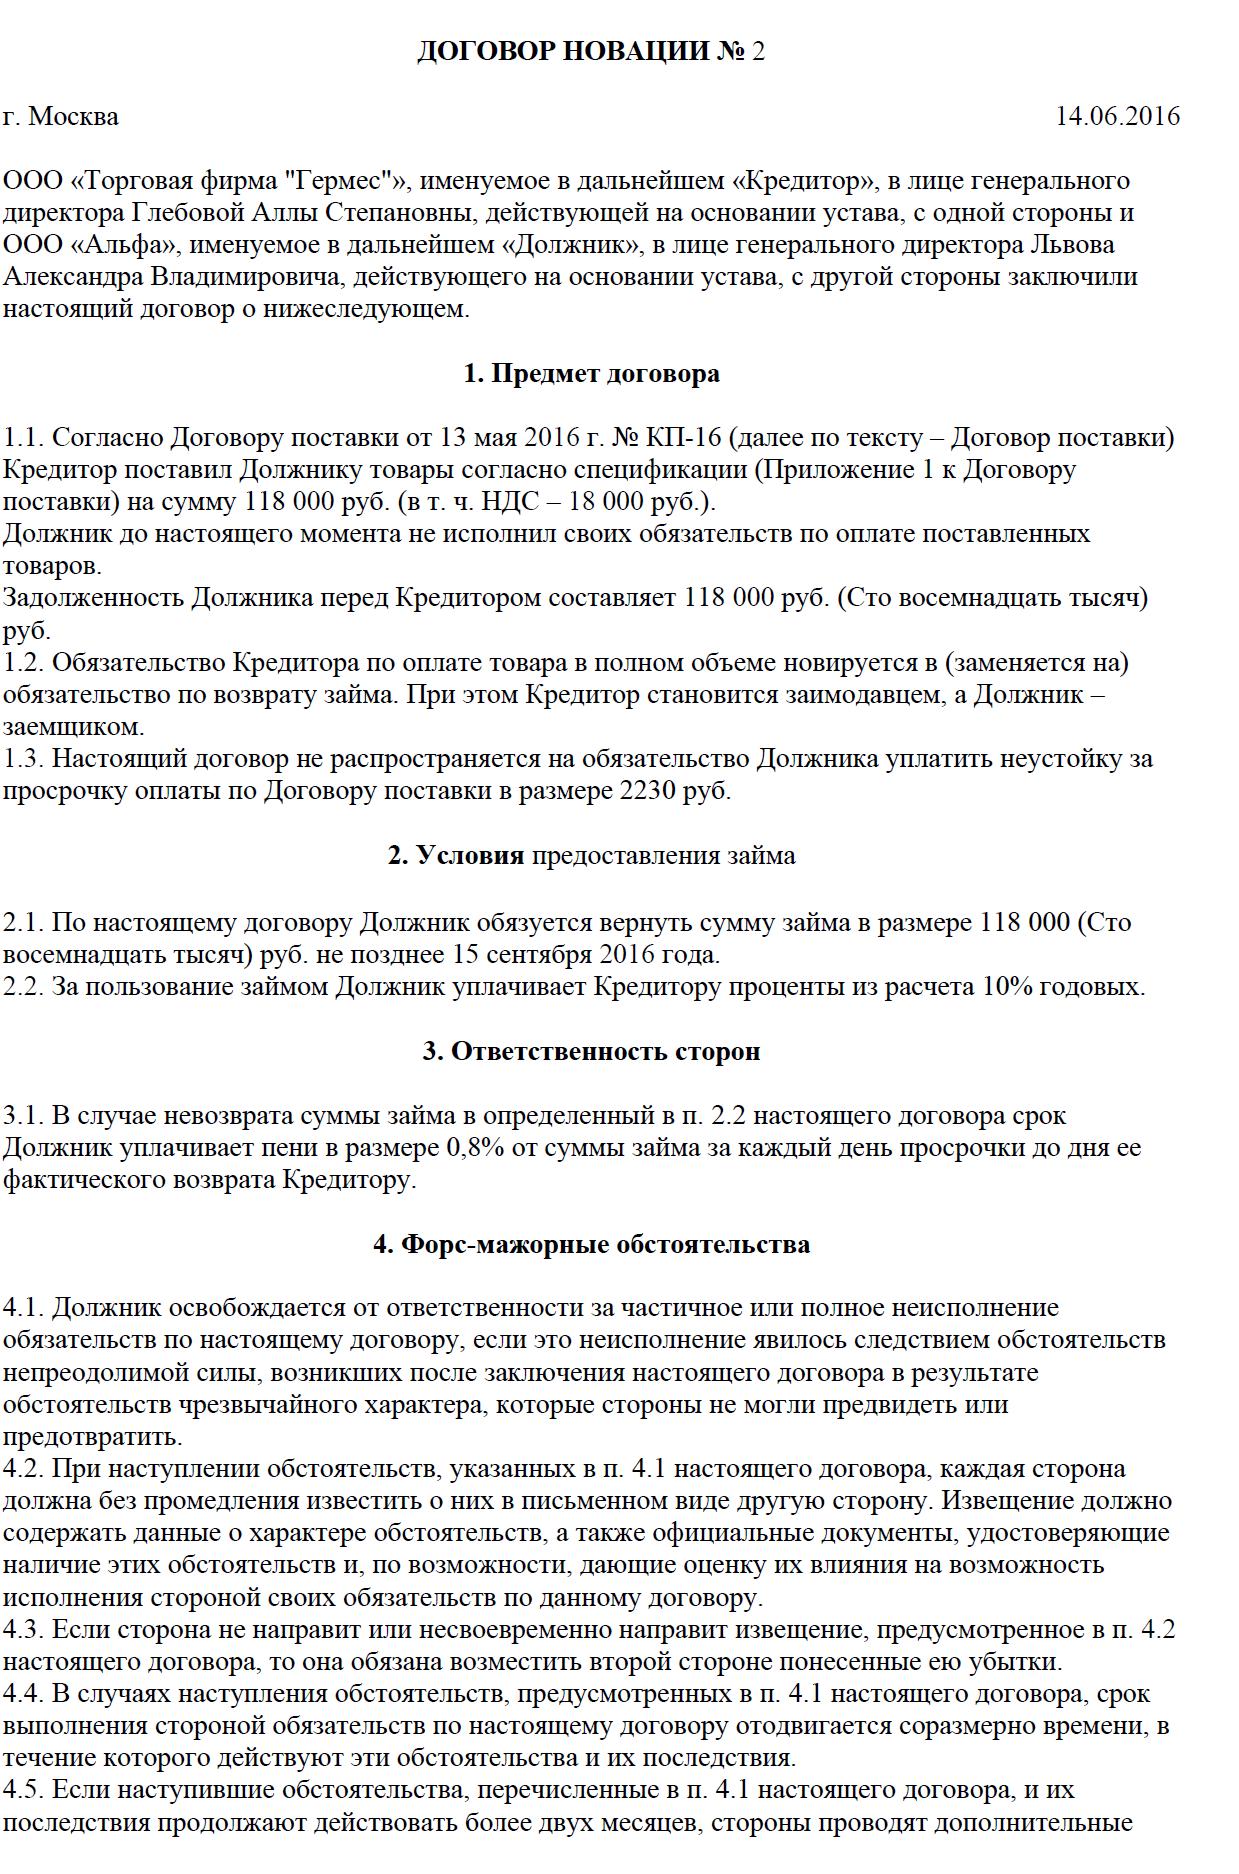 Увольнение по 81 статье пункт 7